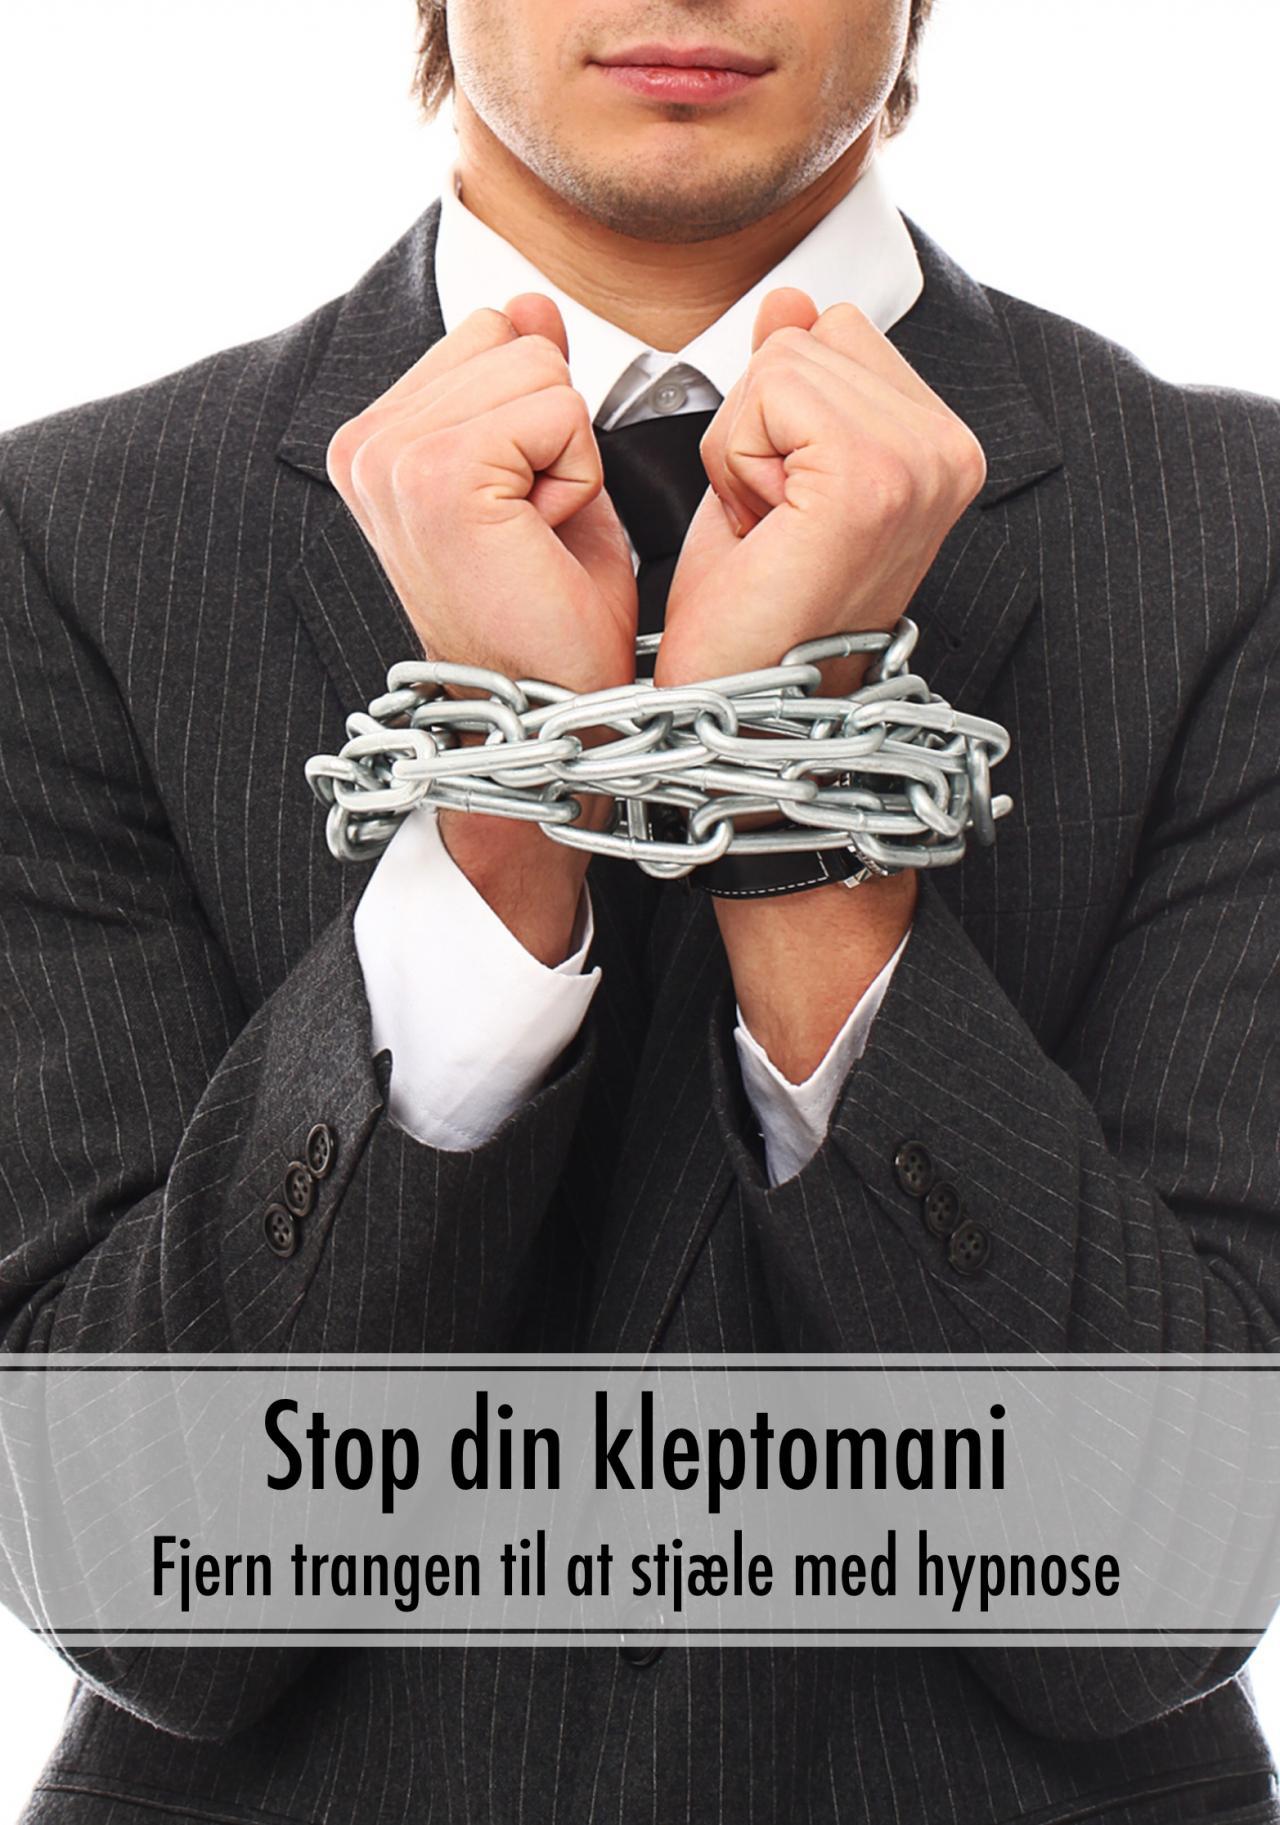 N/A Stop din kleptomani  -  bearbejd trangen til at stjæle med hypnose på mindly.dk